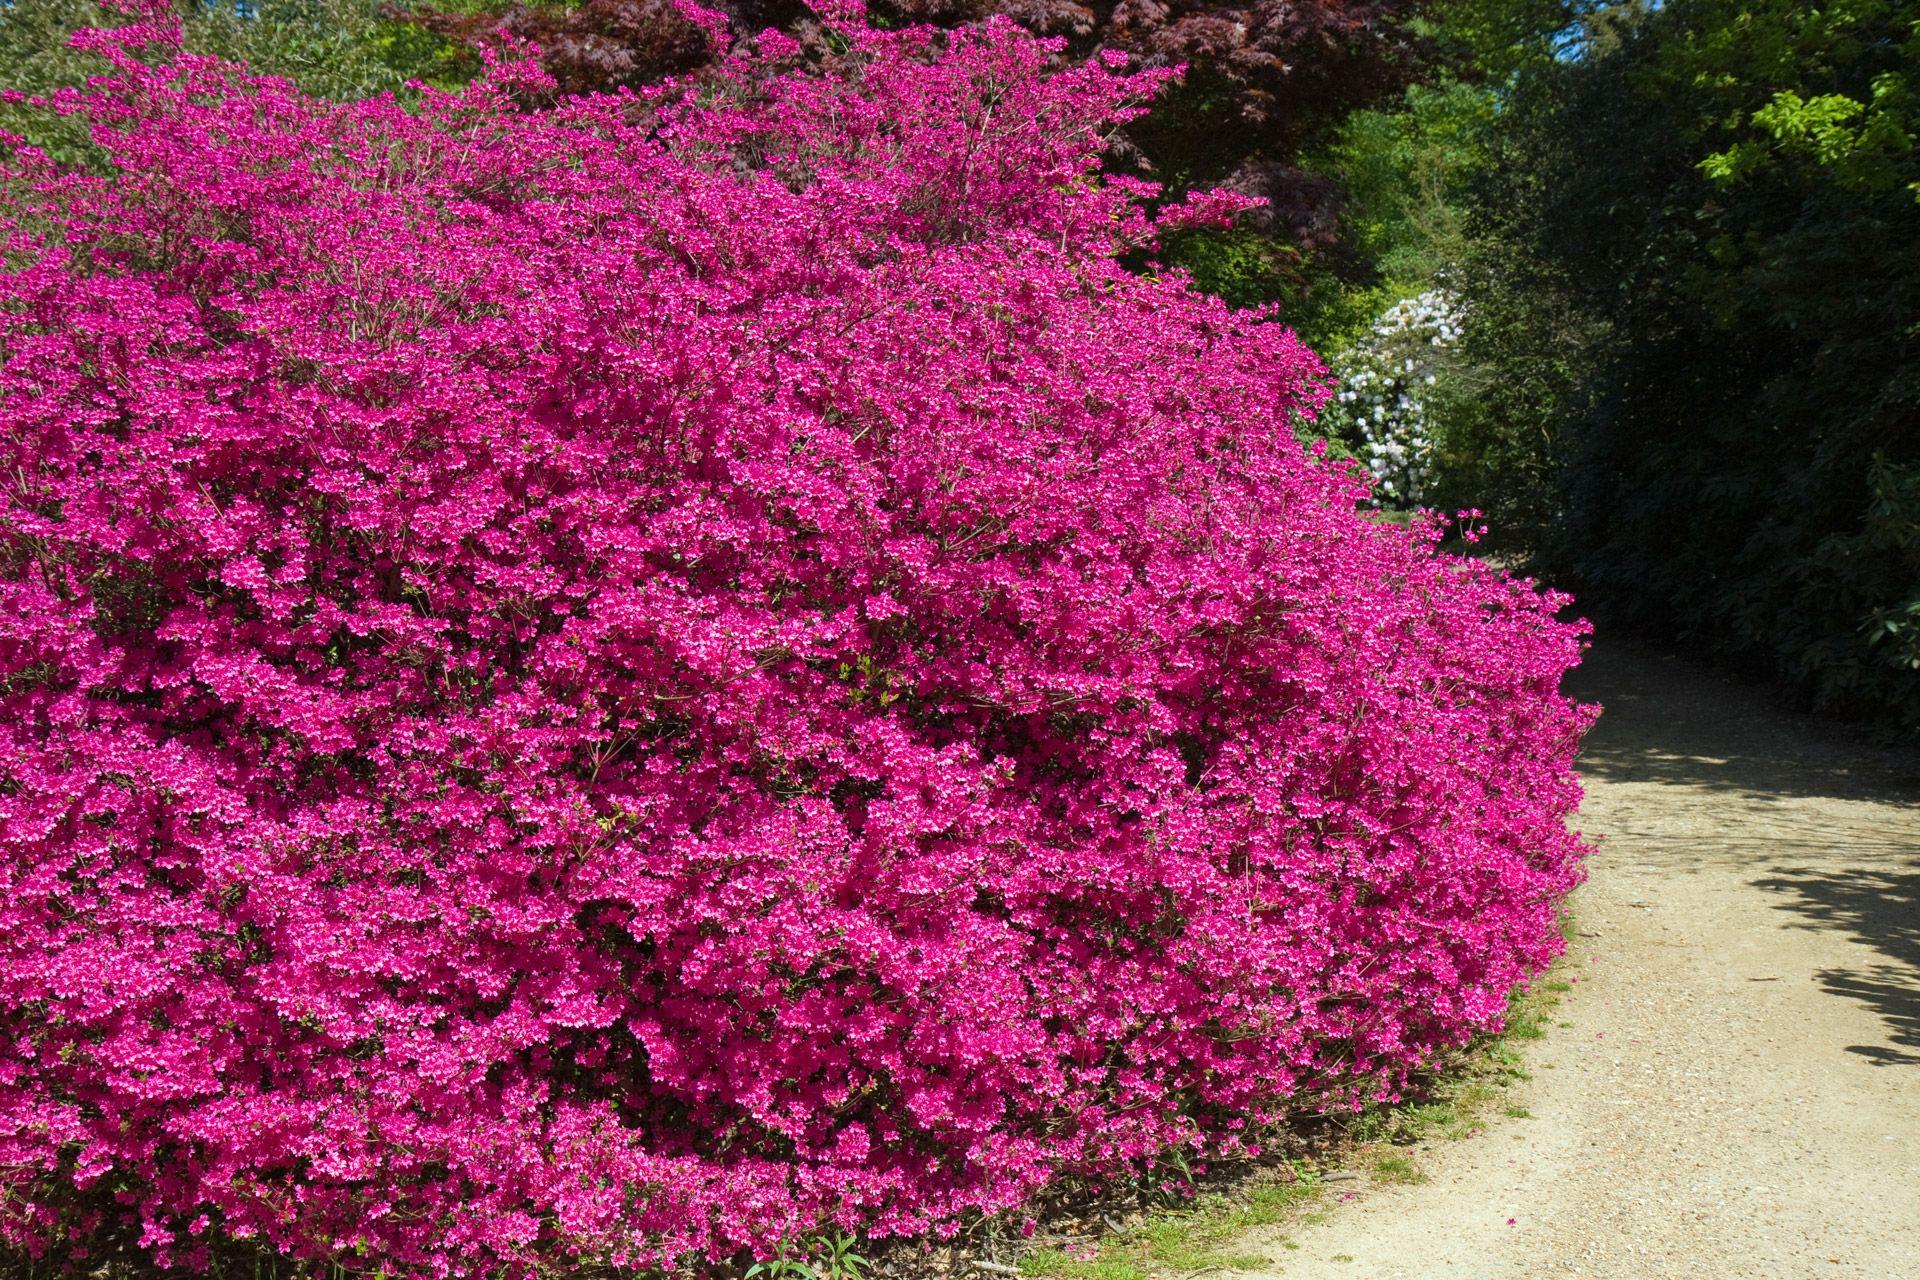 Pink flowering bush ekler 2 pinterest pink flowering bushes pink flowering bush mightylinksfo